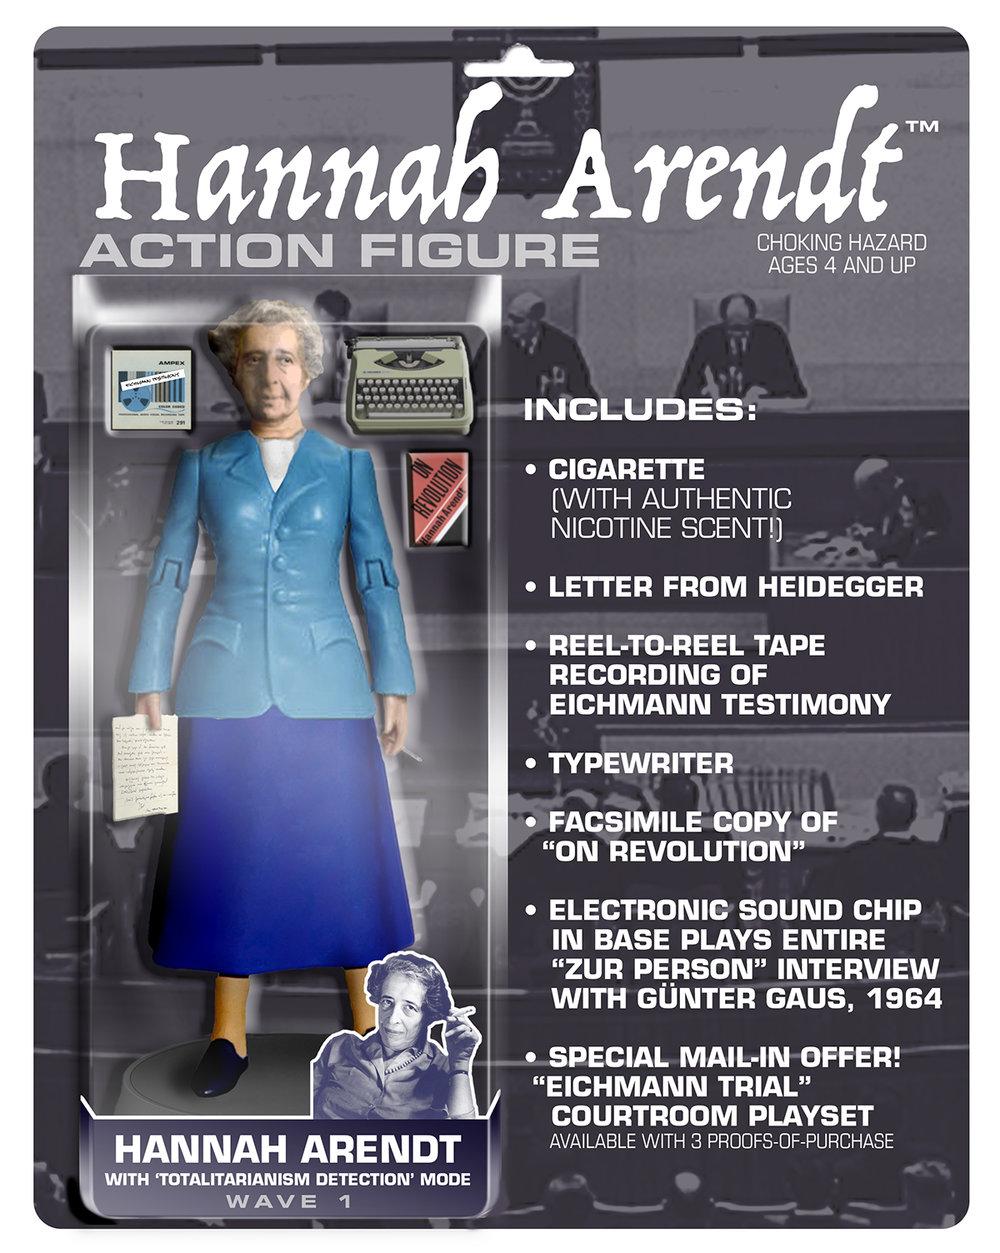 HannahArendt-1.jpg